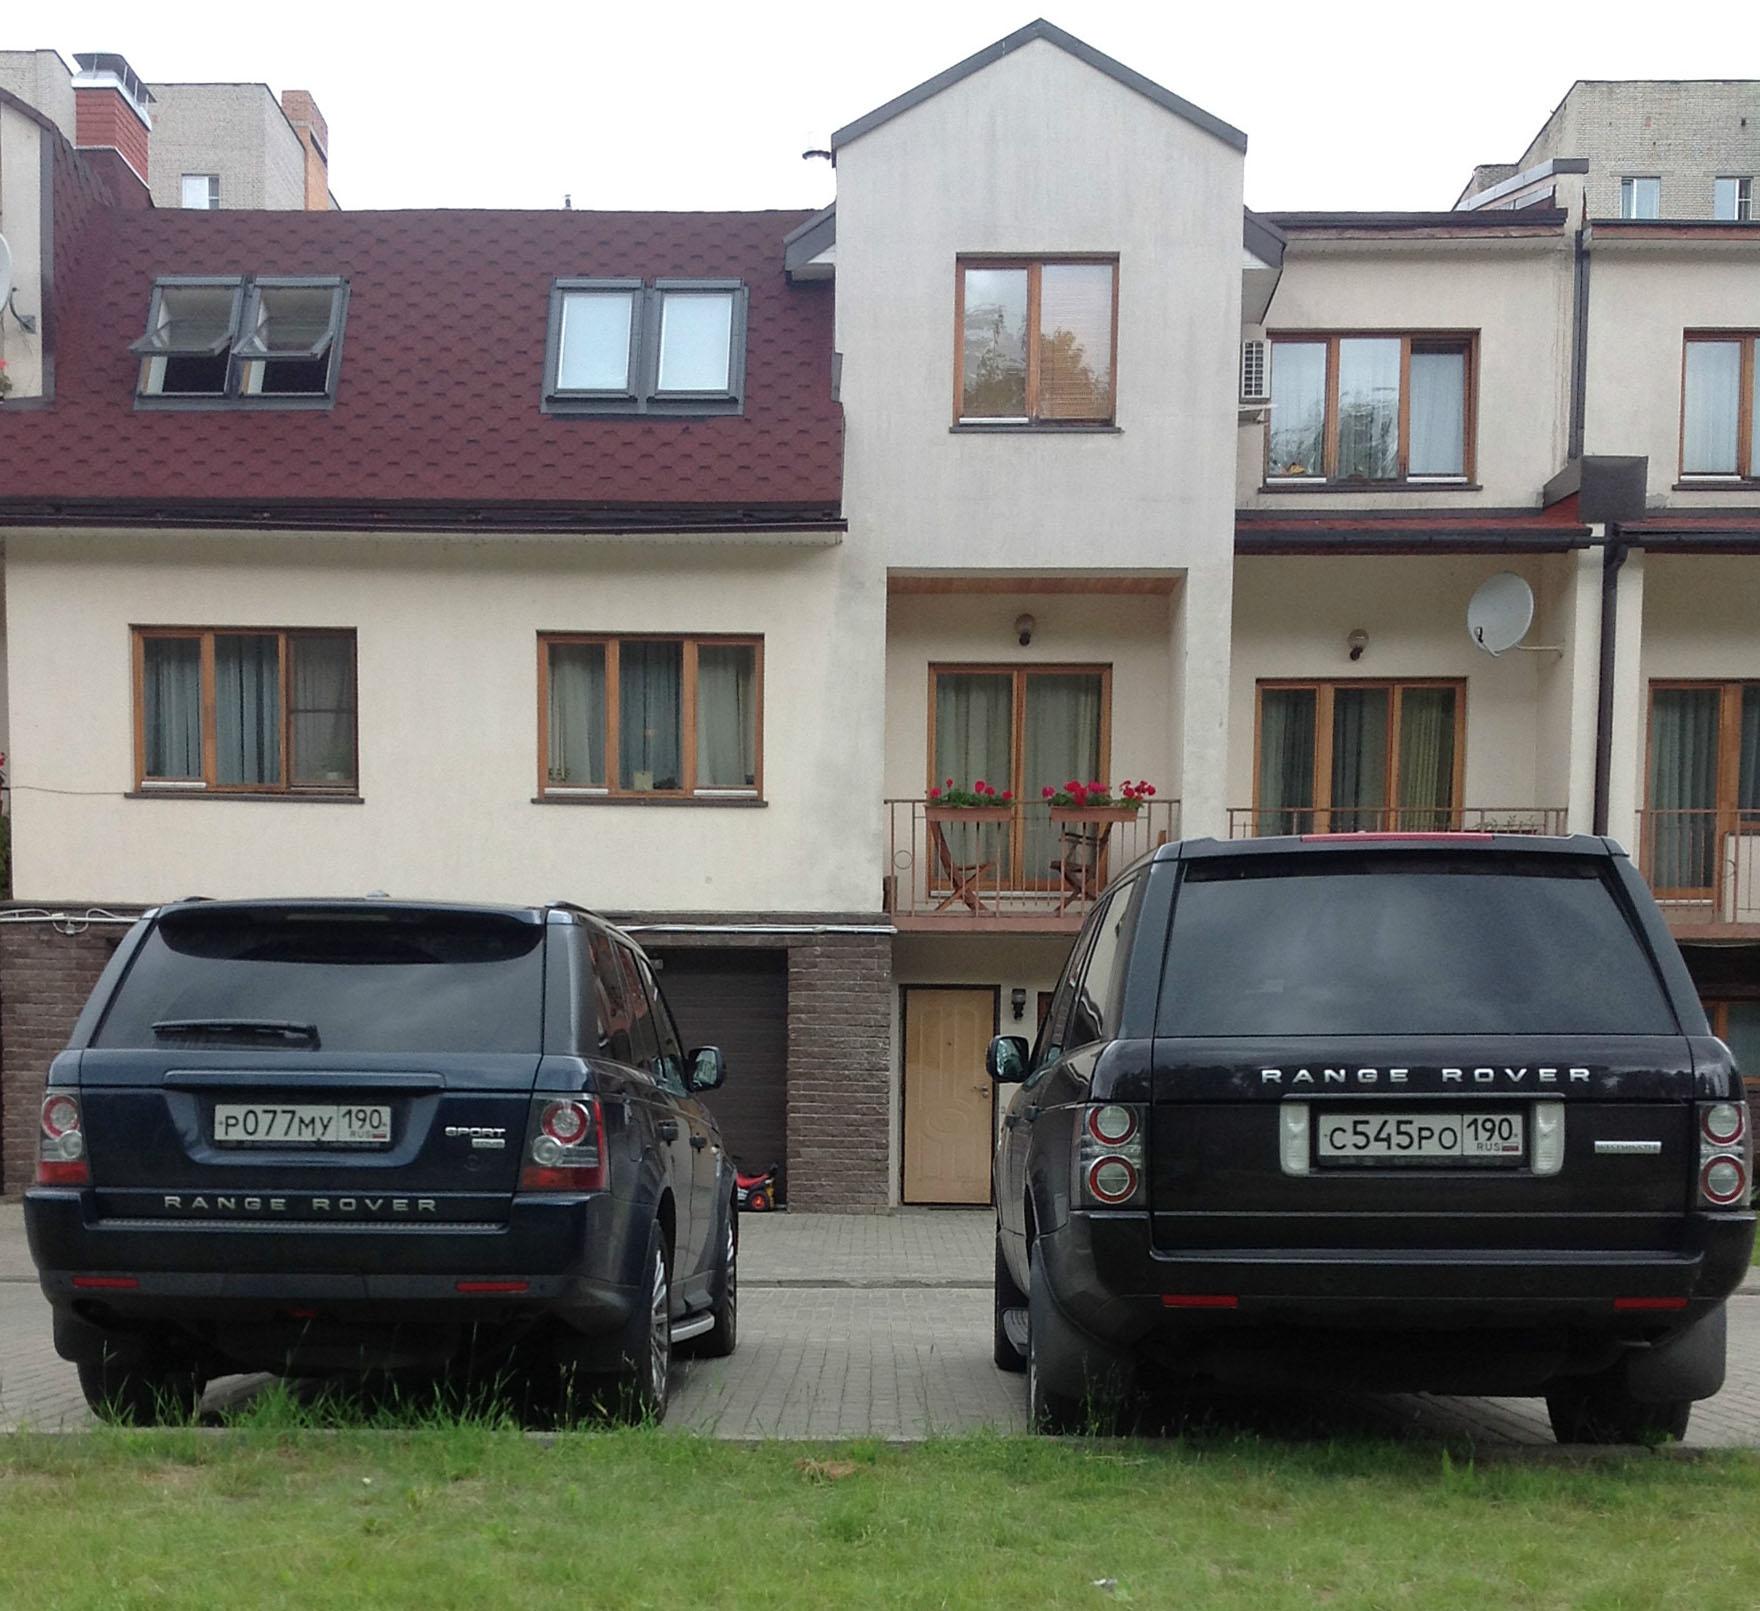 На фото перед домом личные автомобили семьи, по всей видимости они фанаты Range Rover (справа автомобиль Максима, слева автомобиль жены Наталии)